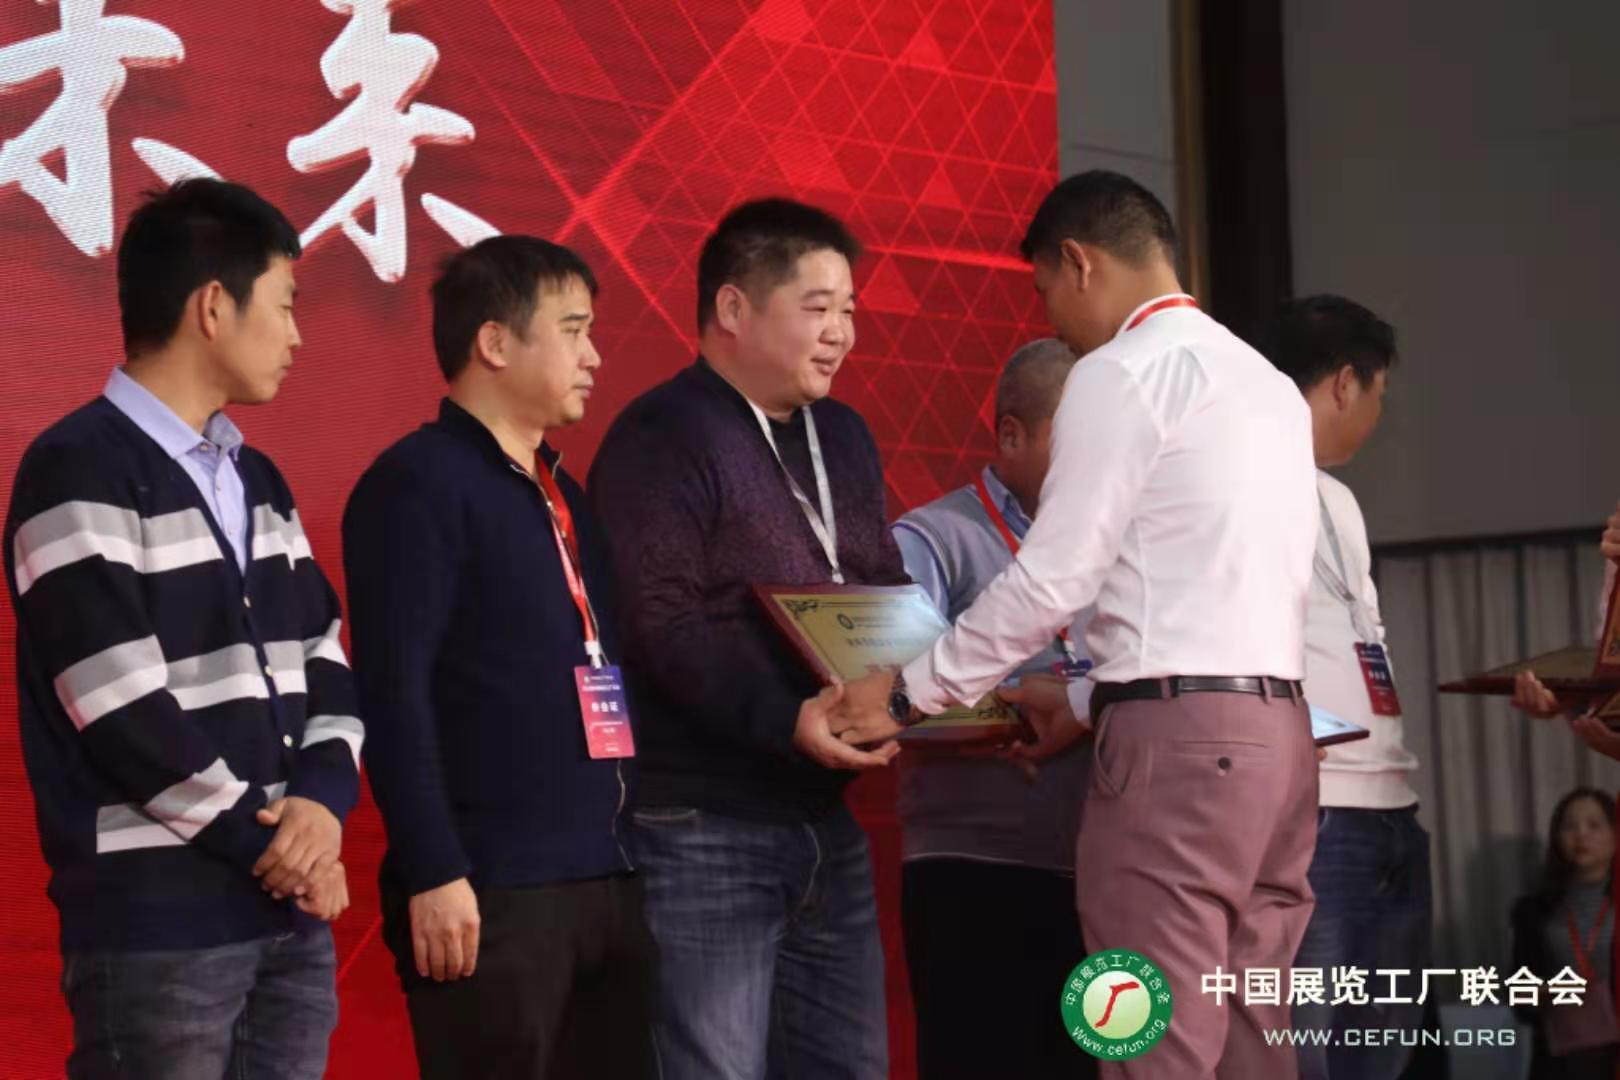 中國展覽工廠聯合會